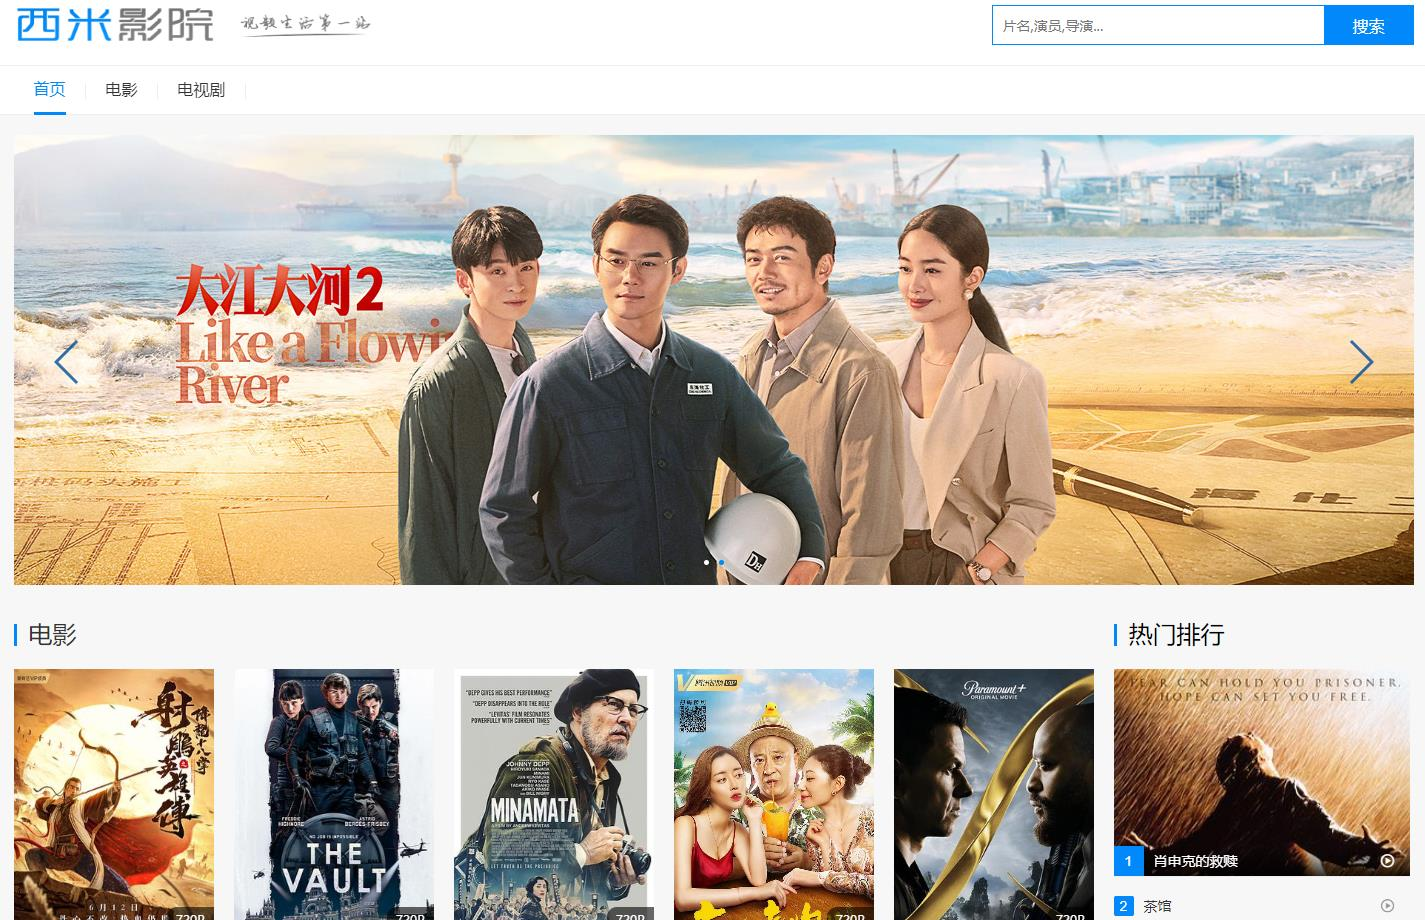 西米影院(ximtv)海量高清视频在线观看